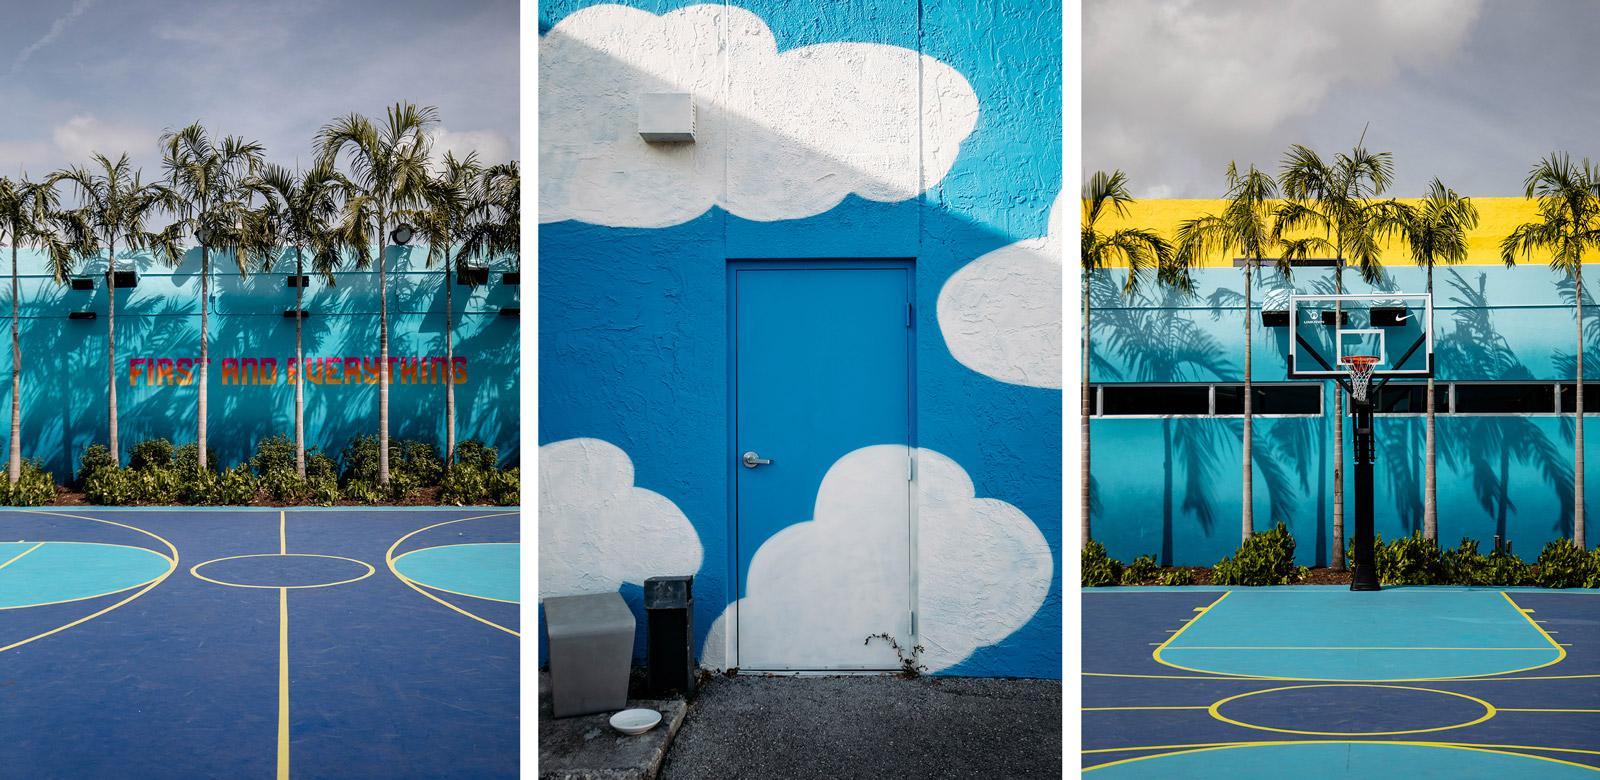 terrain basket coloré de Wynwood